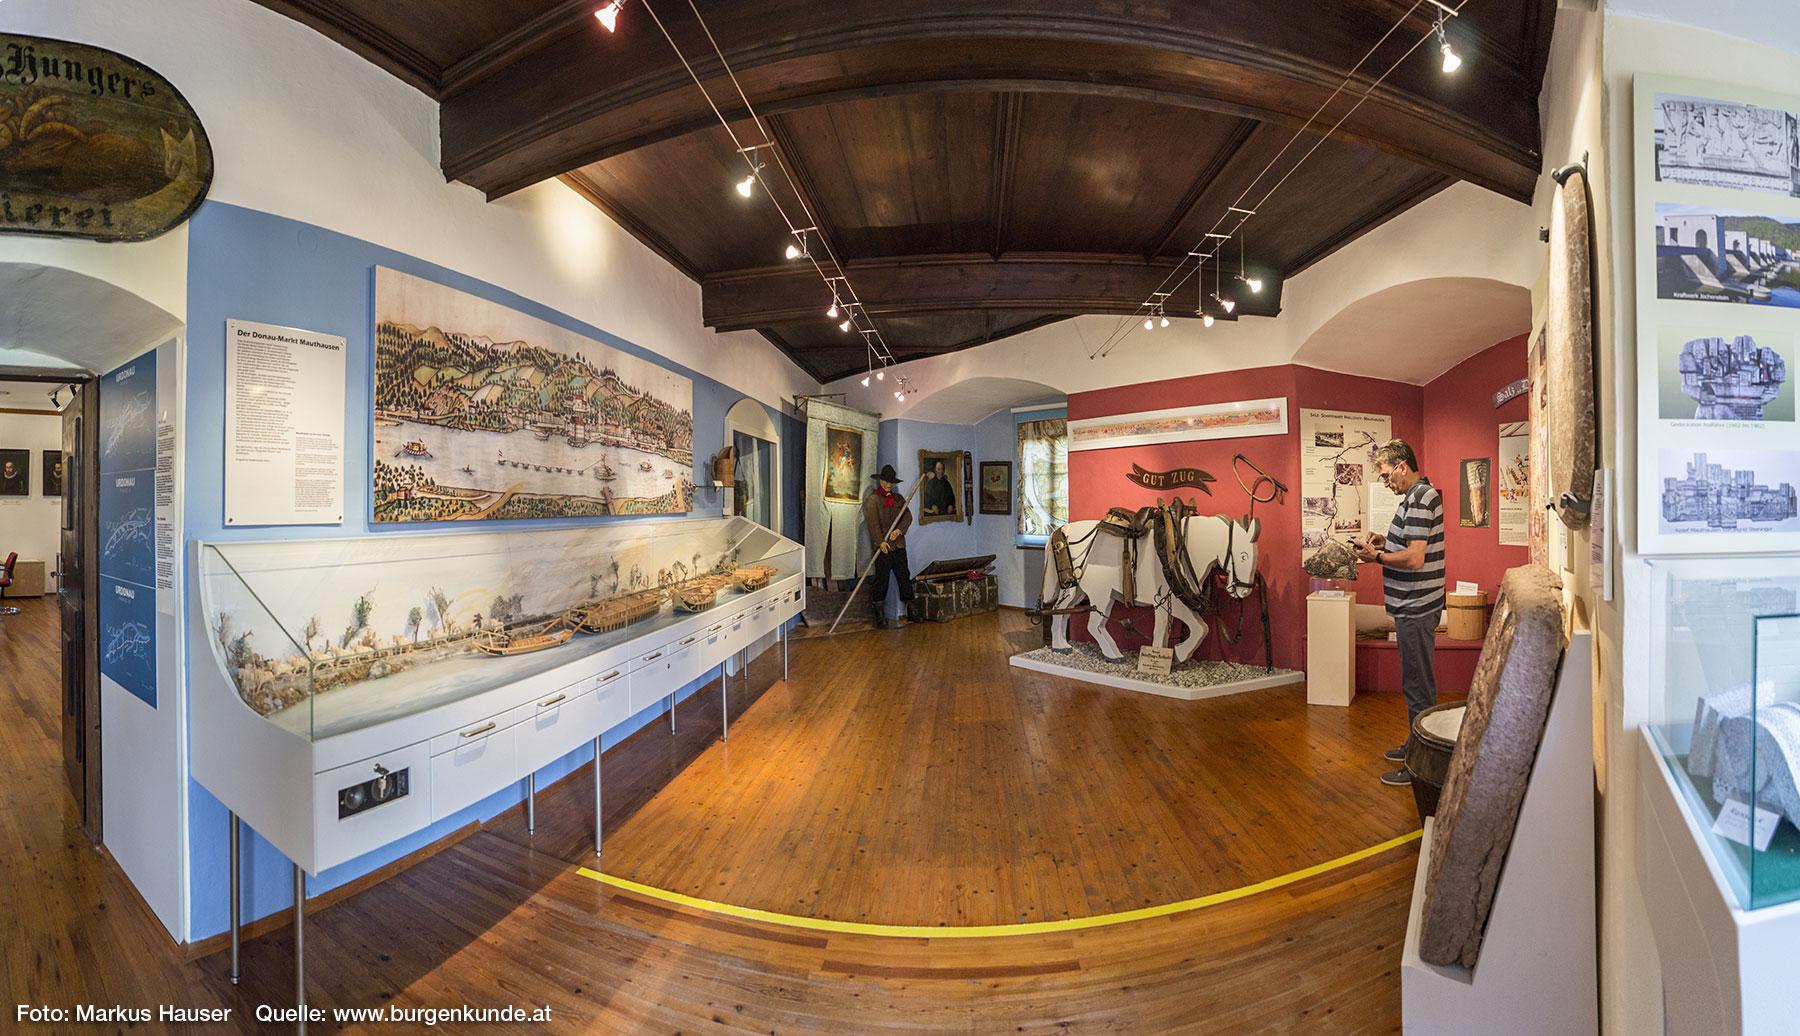 Ausstellungsraum über den einst bedeutenden Salzhandel an der Donau und Mauthausen. In der Vitrine ein Treidelzug.